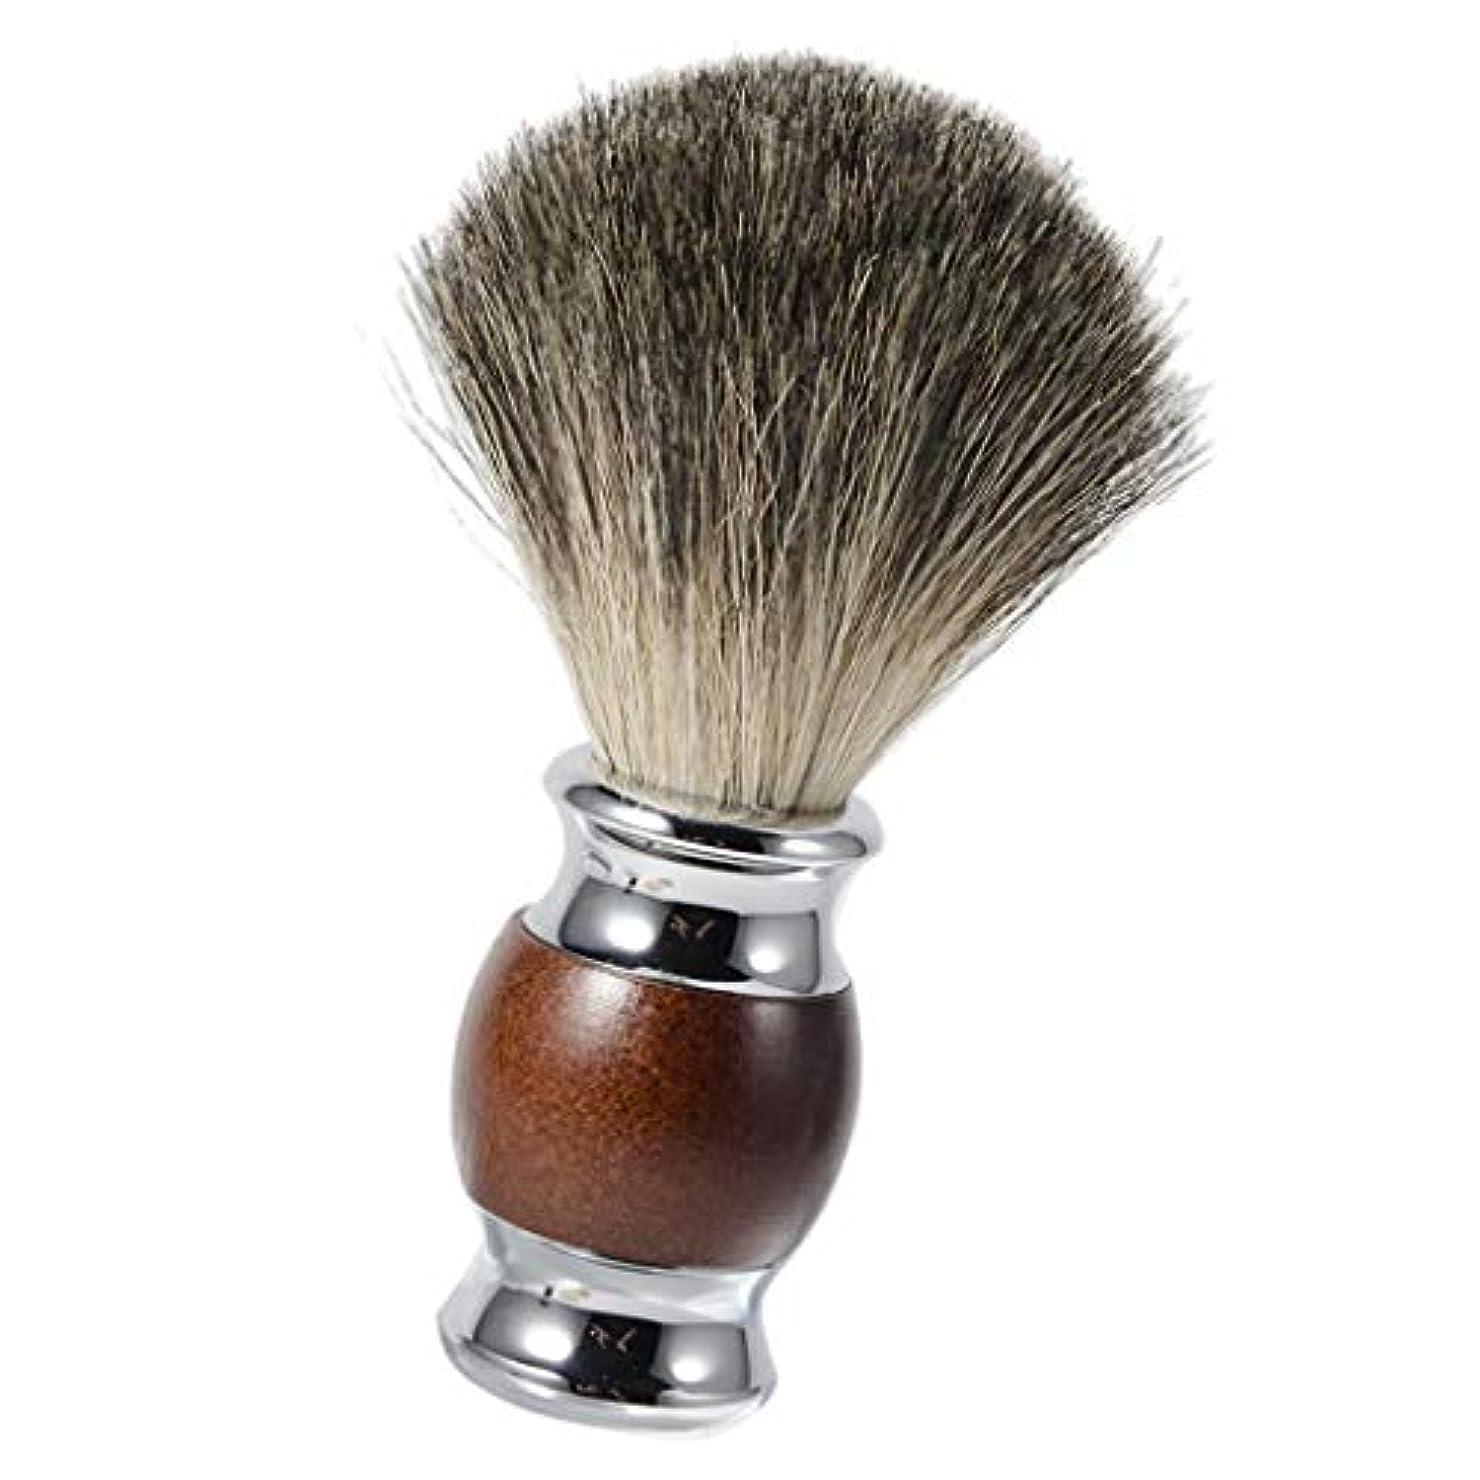 理由ネットリレーひげブラシ シェービングブラシ 木製ハンドル 理容 洗顔 髭剃り 泡立ち メンズ用 友人にプレゼント